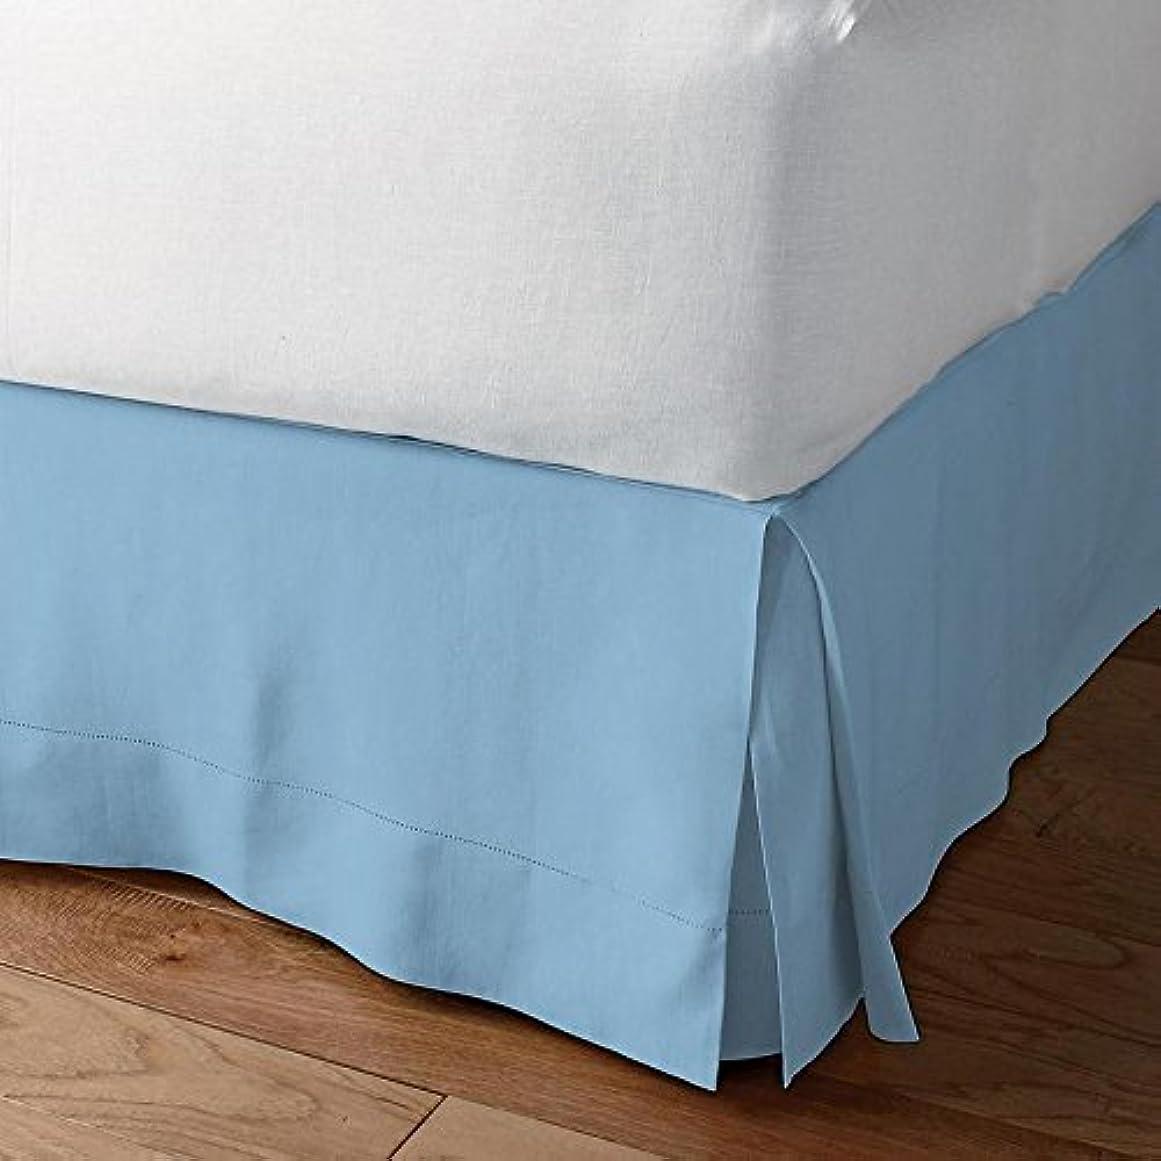 オセアニア操縦する句ベッドAlter 600スレッドカウント豪華な分割コーナーベッドスカート100?%エジプト綿10インチのドロップソリッドすべてのサイズと29色) California King ブルー 1SCBADBSSO246TCASkBlueCK